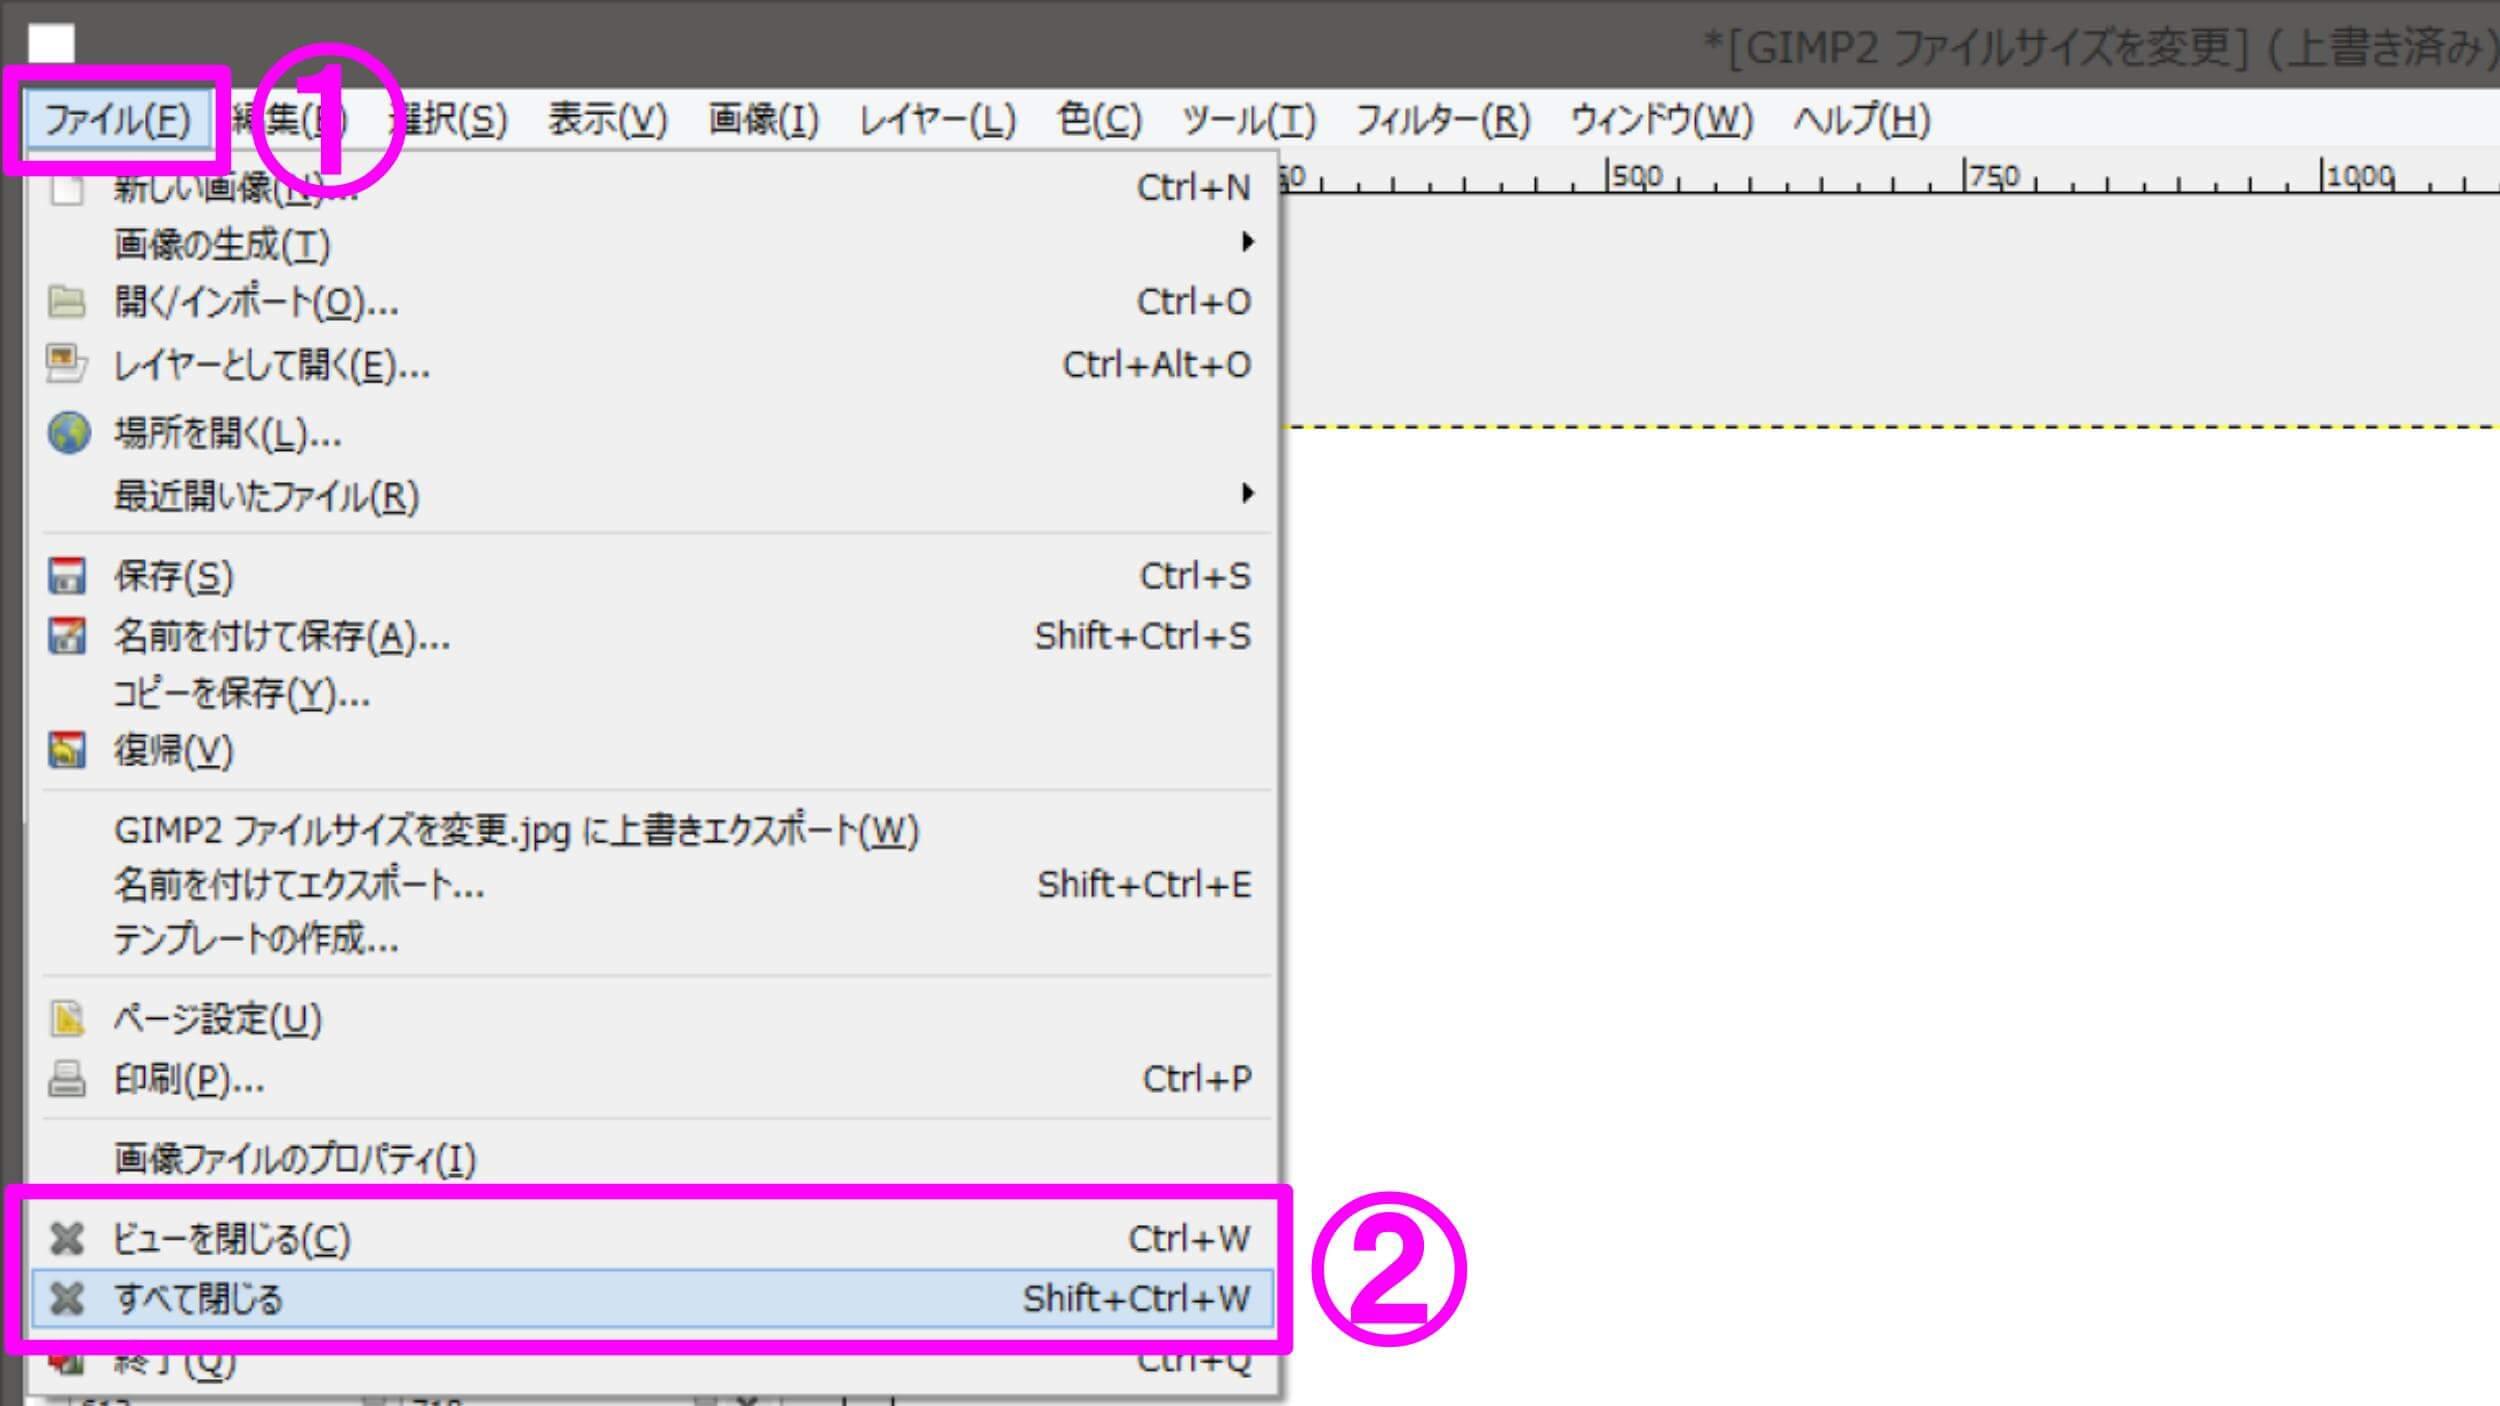 GIMP2 画像を消す方法